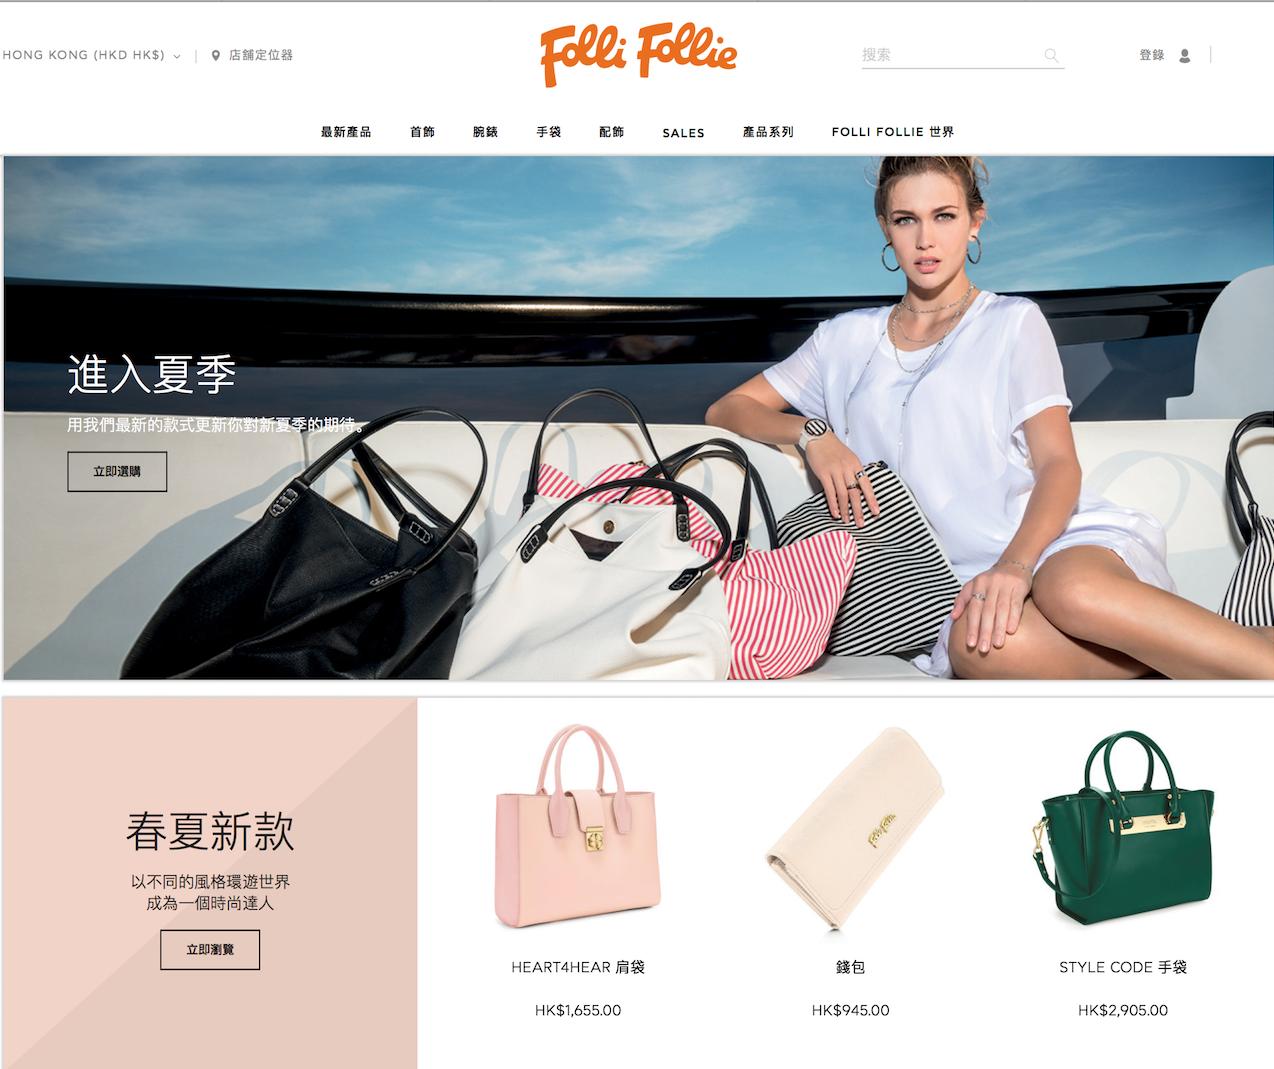 希腊珠宝配饰品牌 Folli Follie 的母公司陷入财务风波